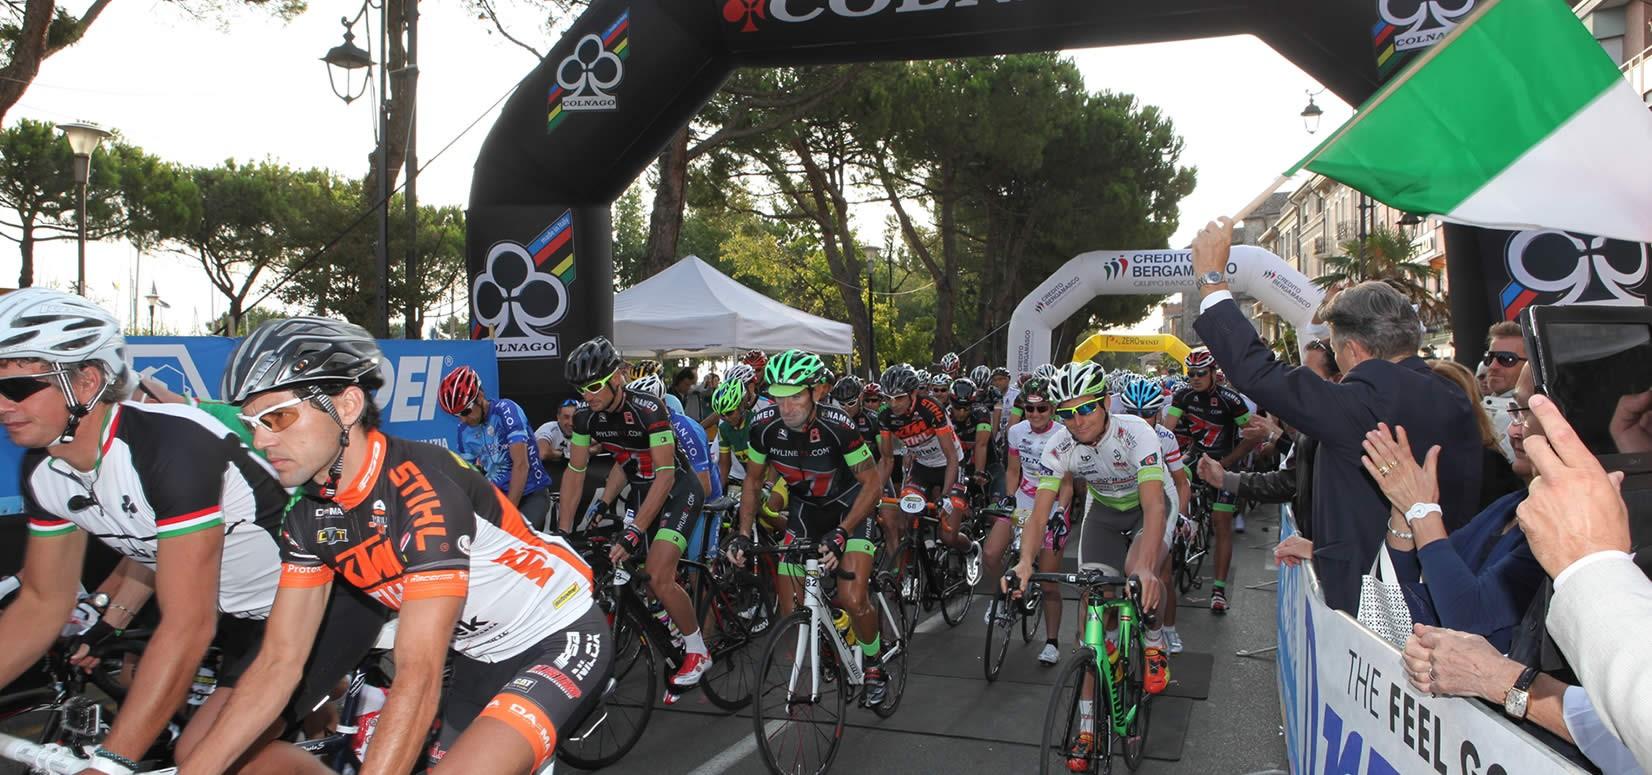 Il Colnago Cycling Festival va in scena dal 2 al 4 maggio, a Desenzano sul Garda